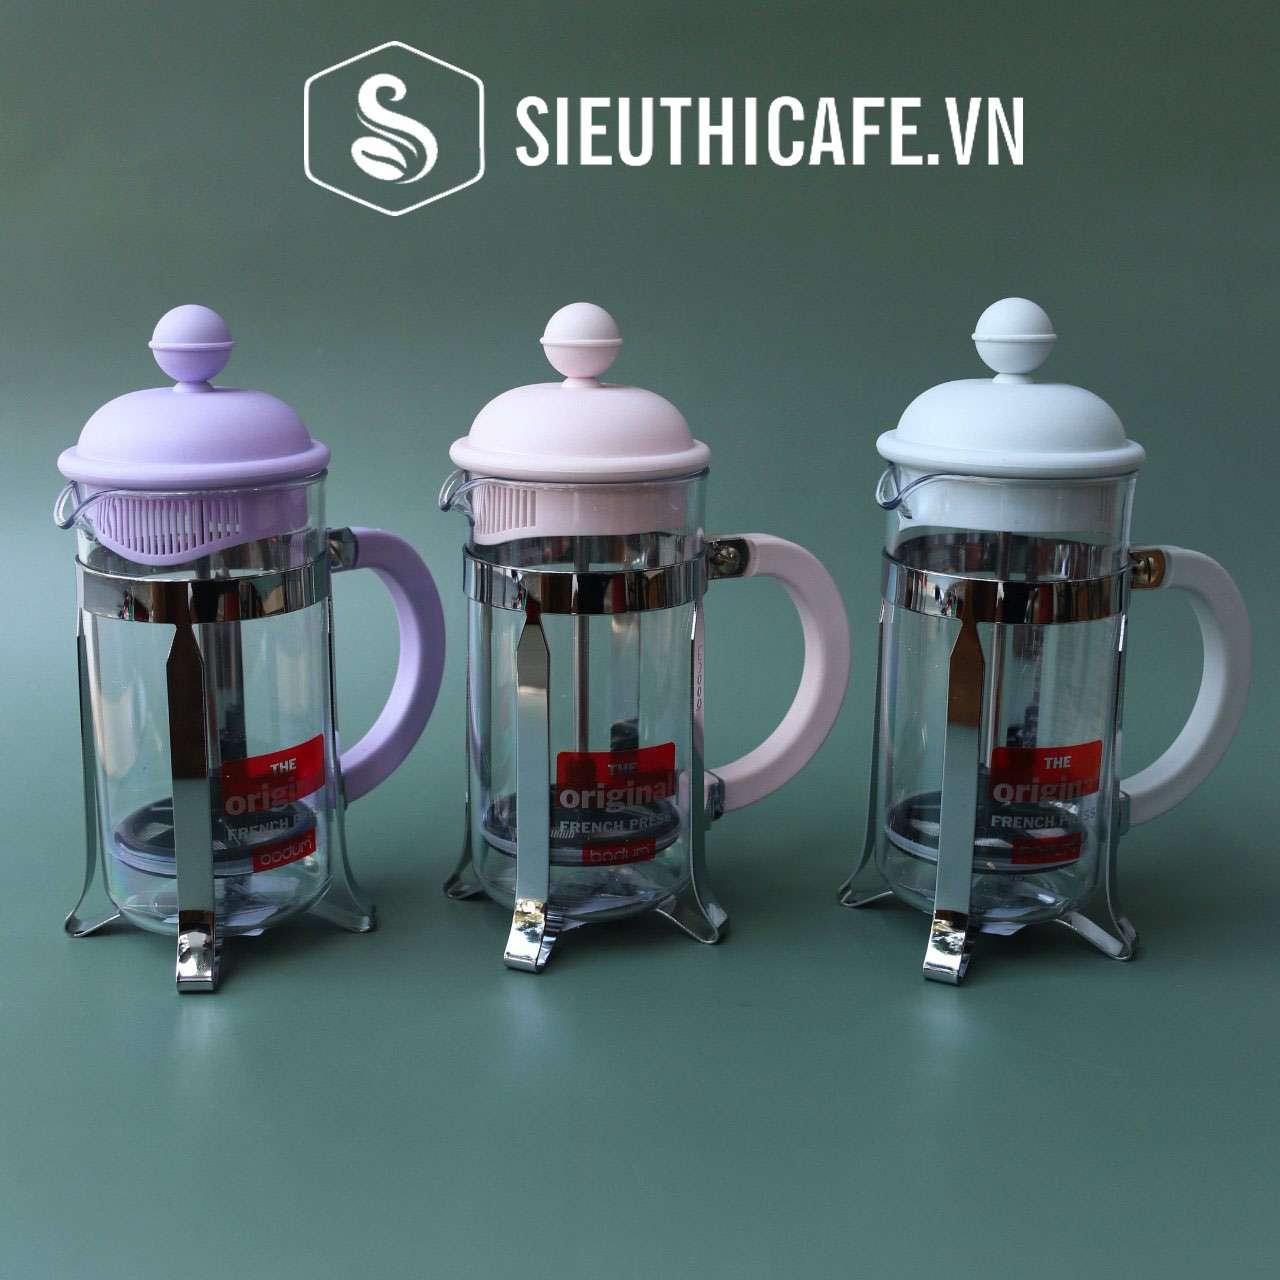 BÌNH PHA CÀ PHÊ KIỂU PHÁP BODUM CAFFETTIERA FRENCH PRESS – MÀU SHADOW – 3 CUPS